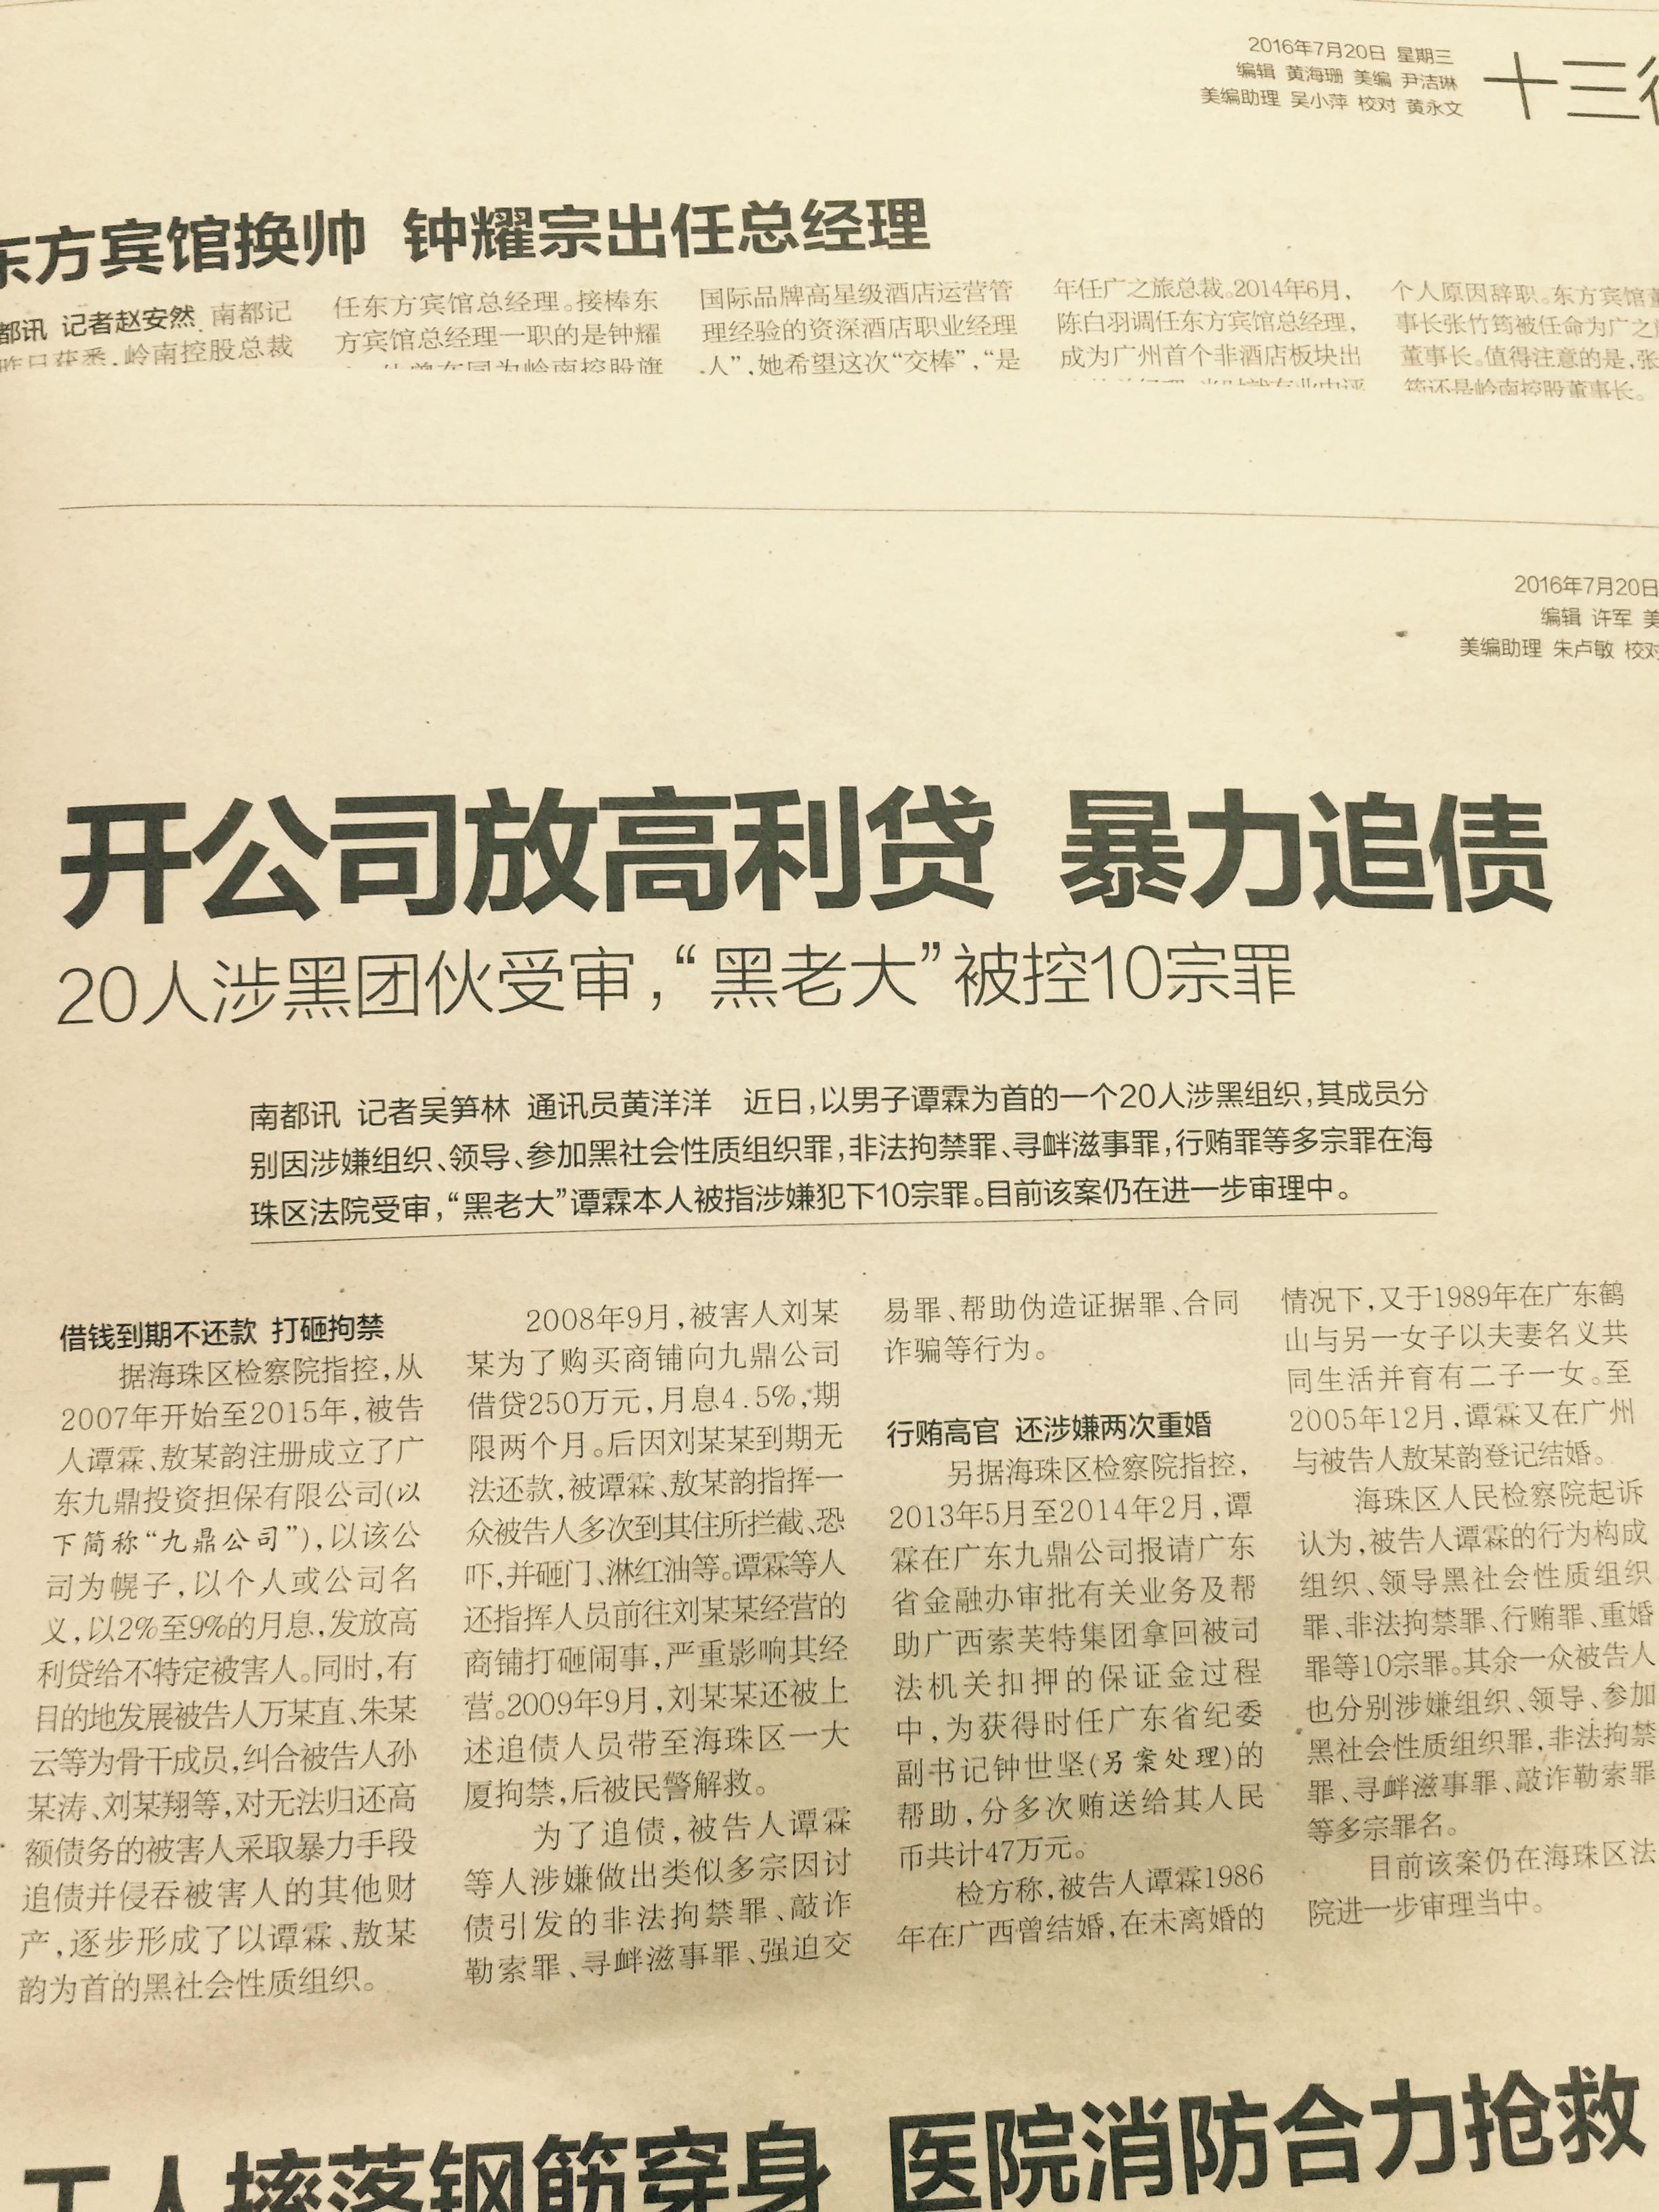 马俊哲律师经办的案件登上报刊头条